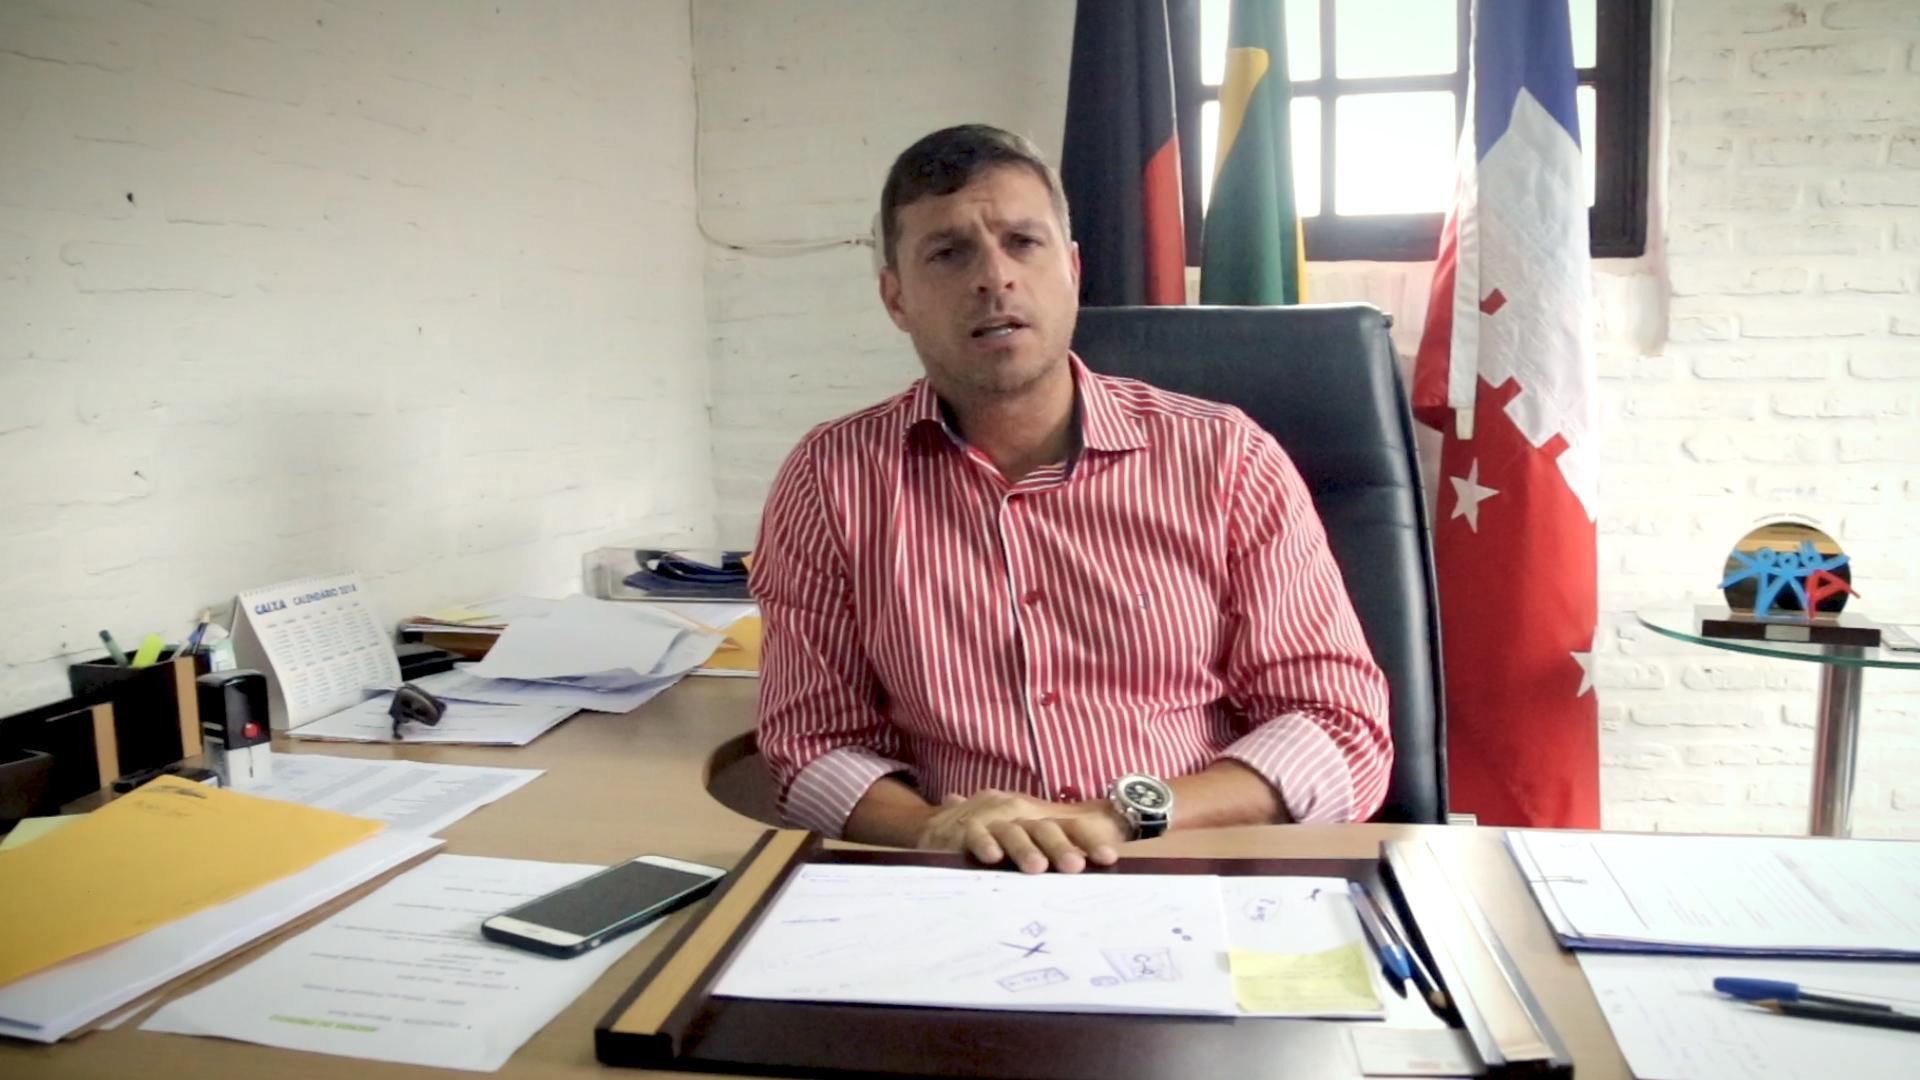 Vitor Hugo diz que Shopping Pátio Intermares vai gerar mais de 4 mil empregos em Cabedelo